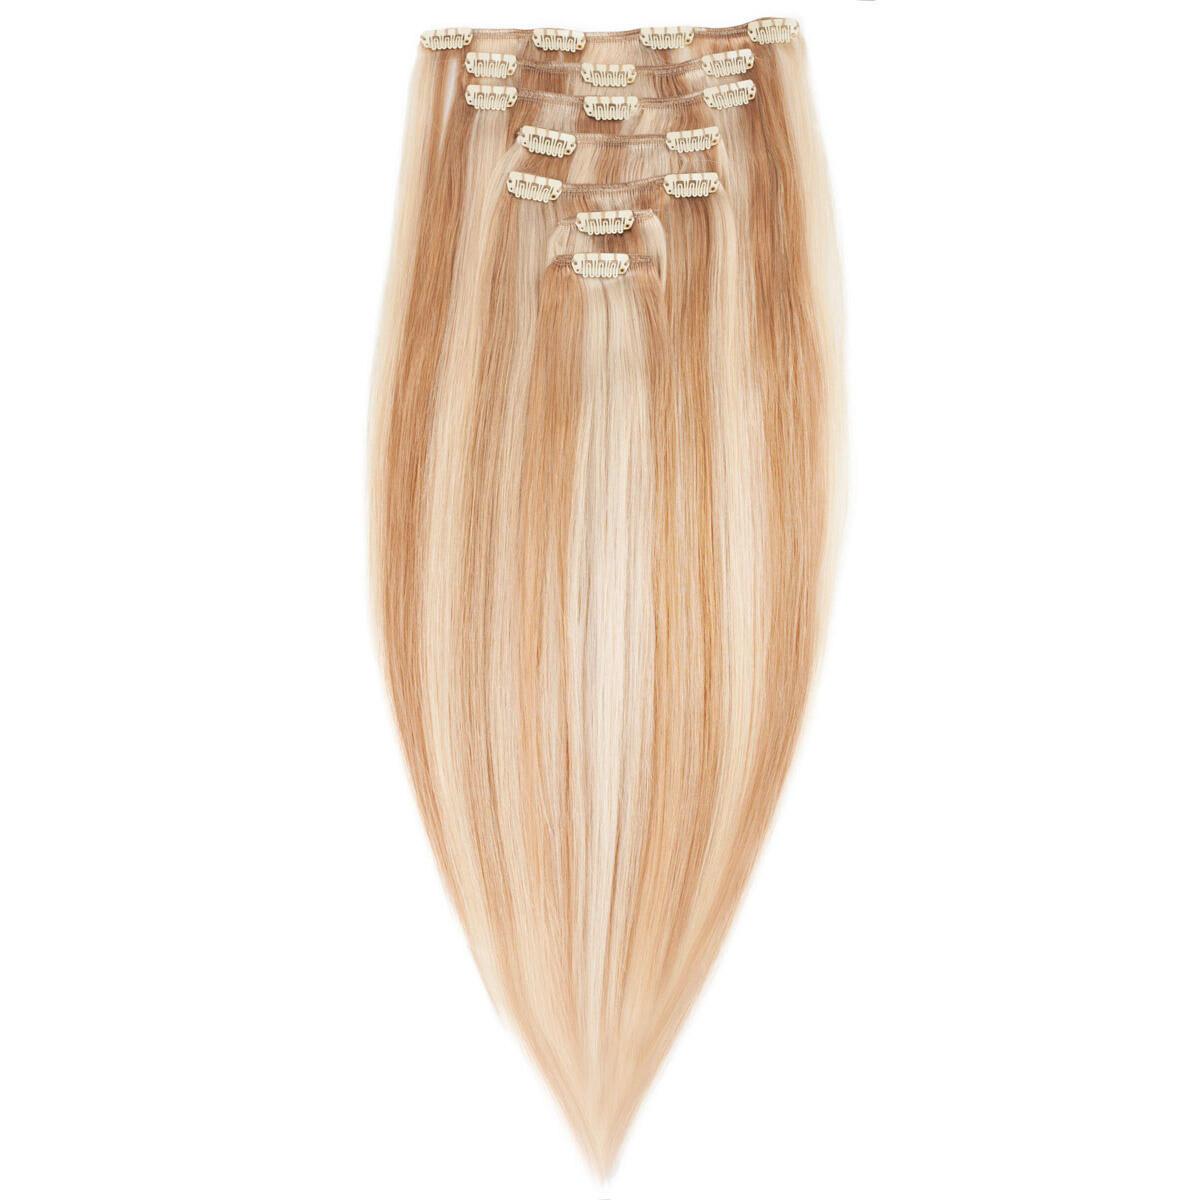 Clip-on Set Premium 7 pieces M7.5/10.8 Scandinavian Blonde 50 cm